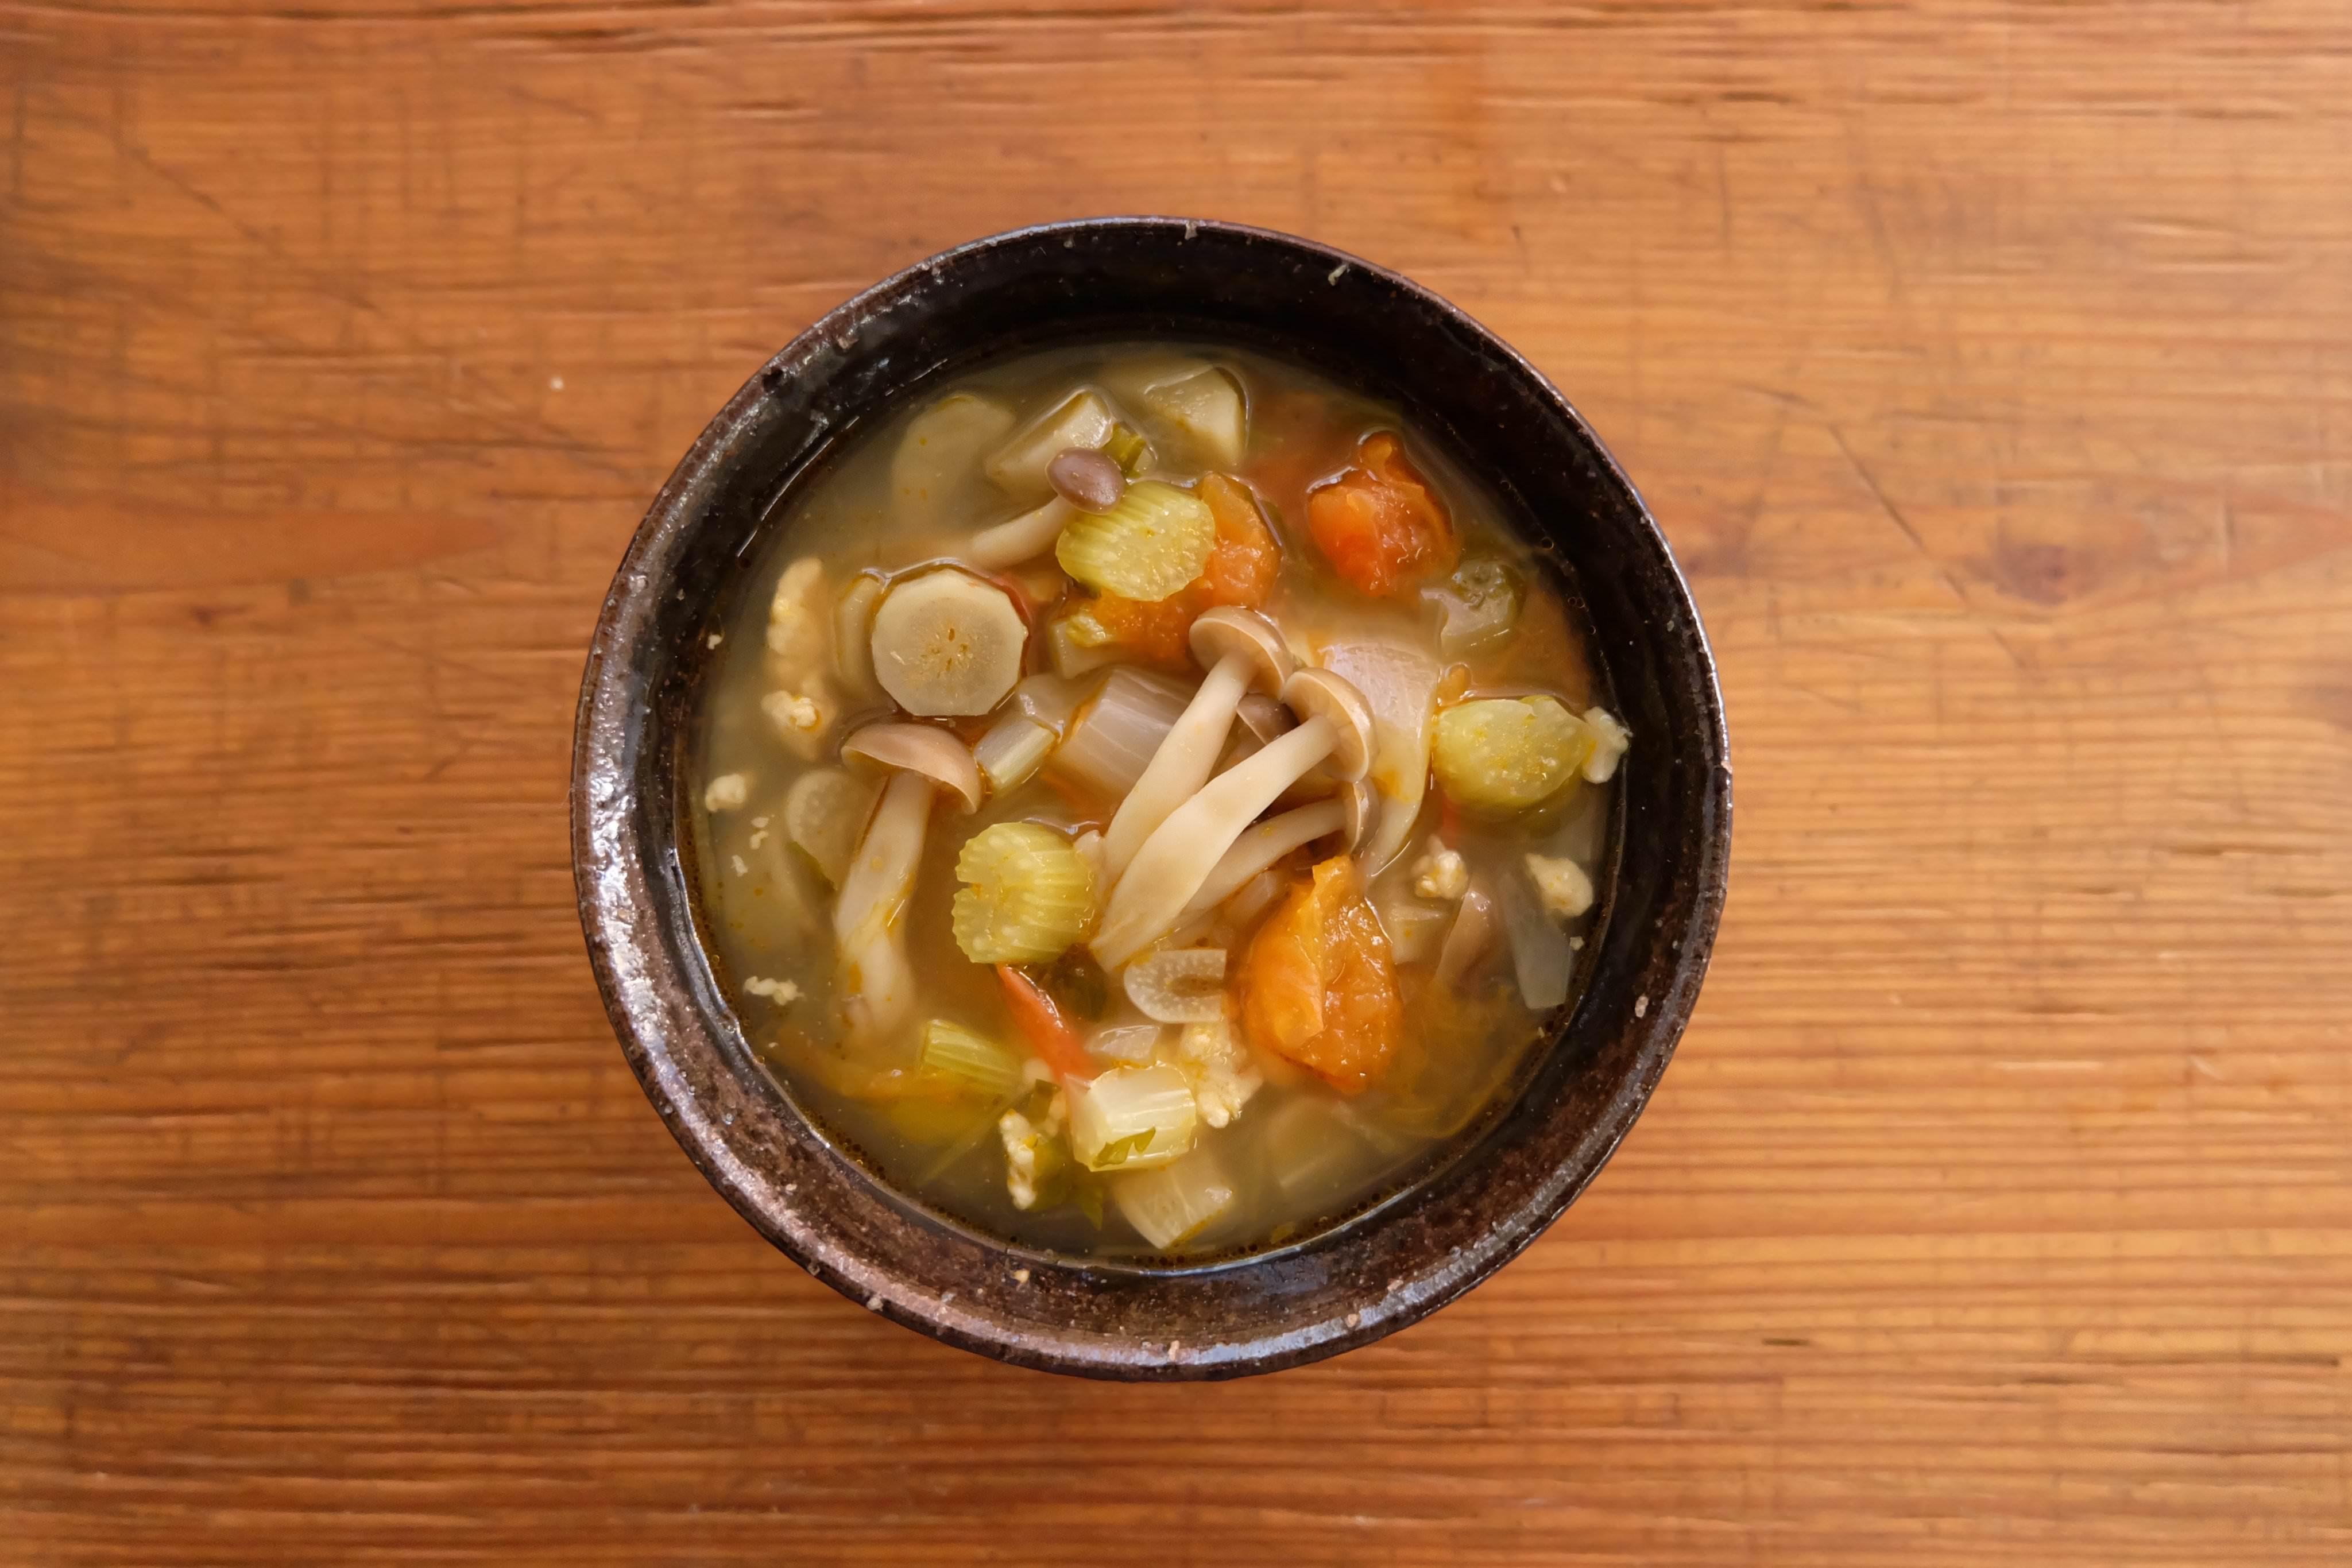 【ツマめしレシピ】02|コンソメなしで旨みたっぷり!セロリとハーブのトマトスープ